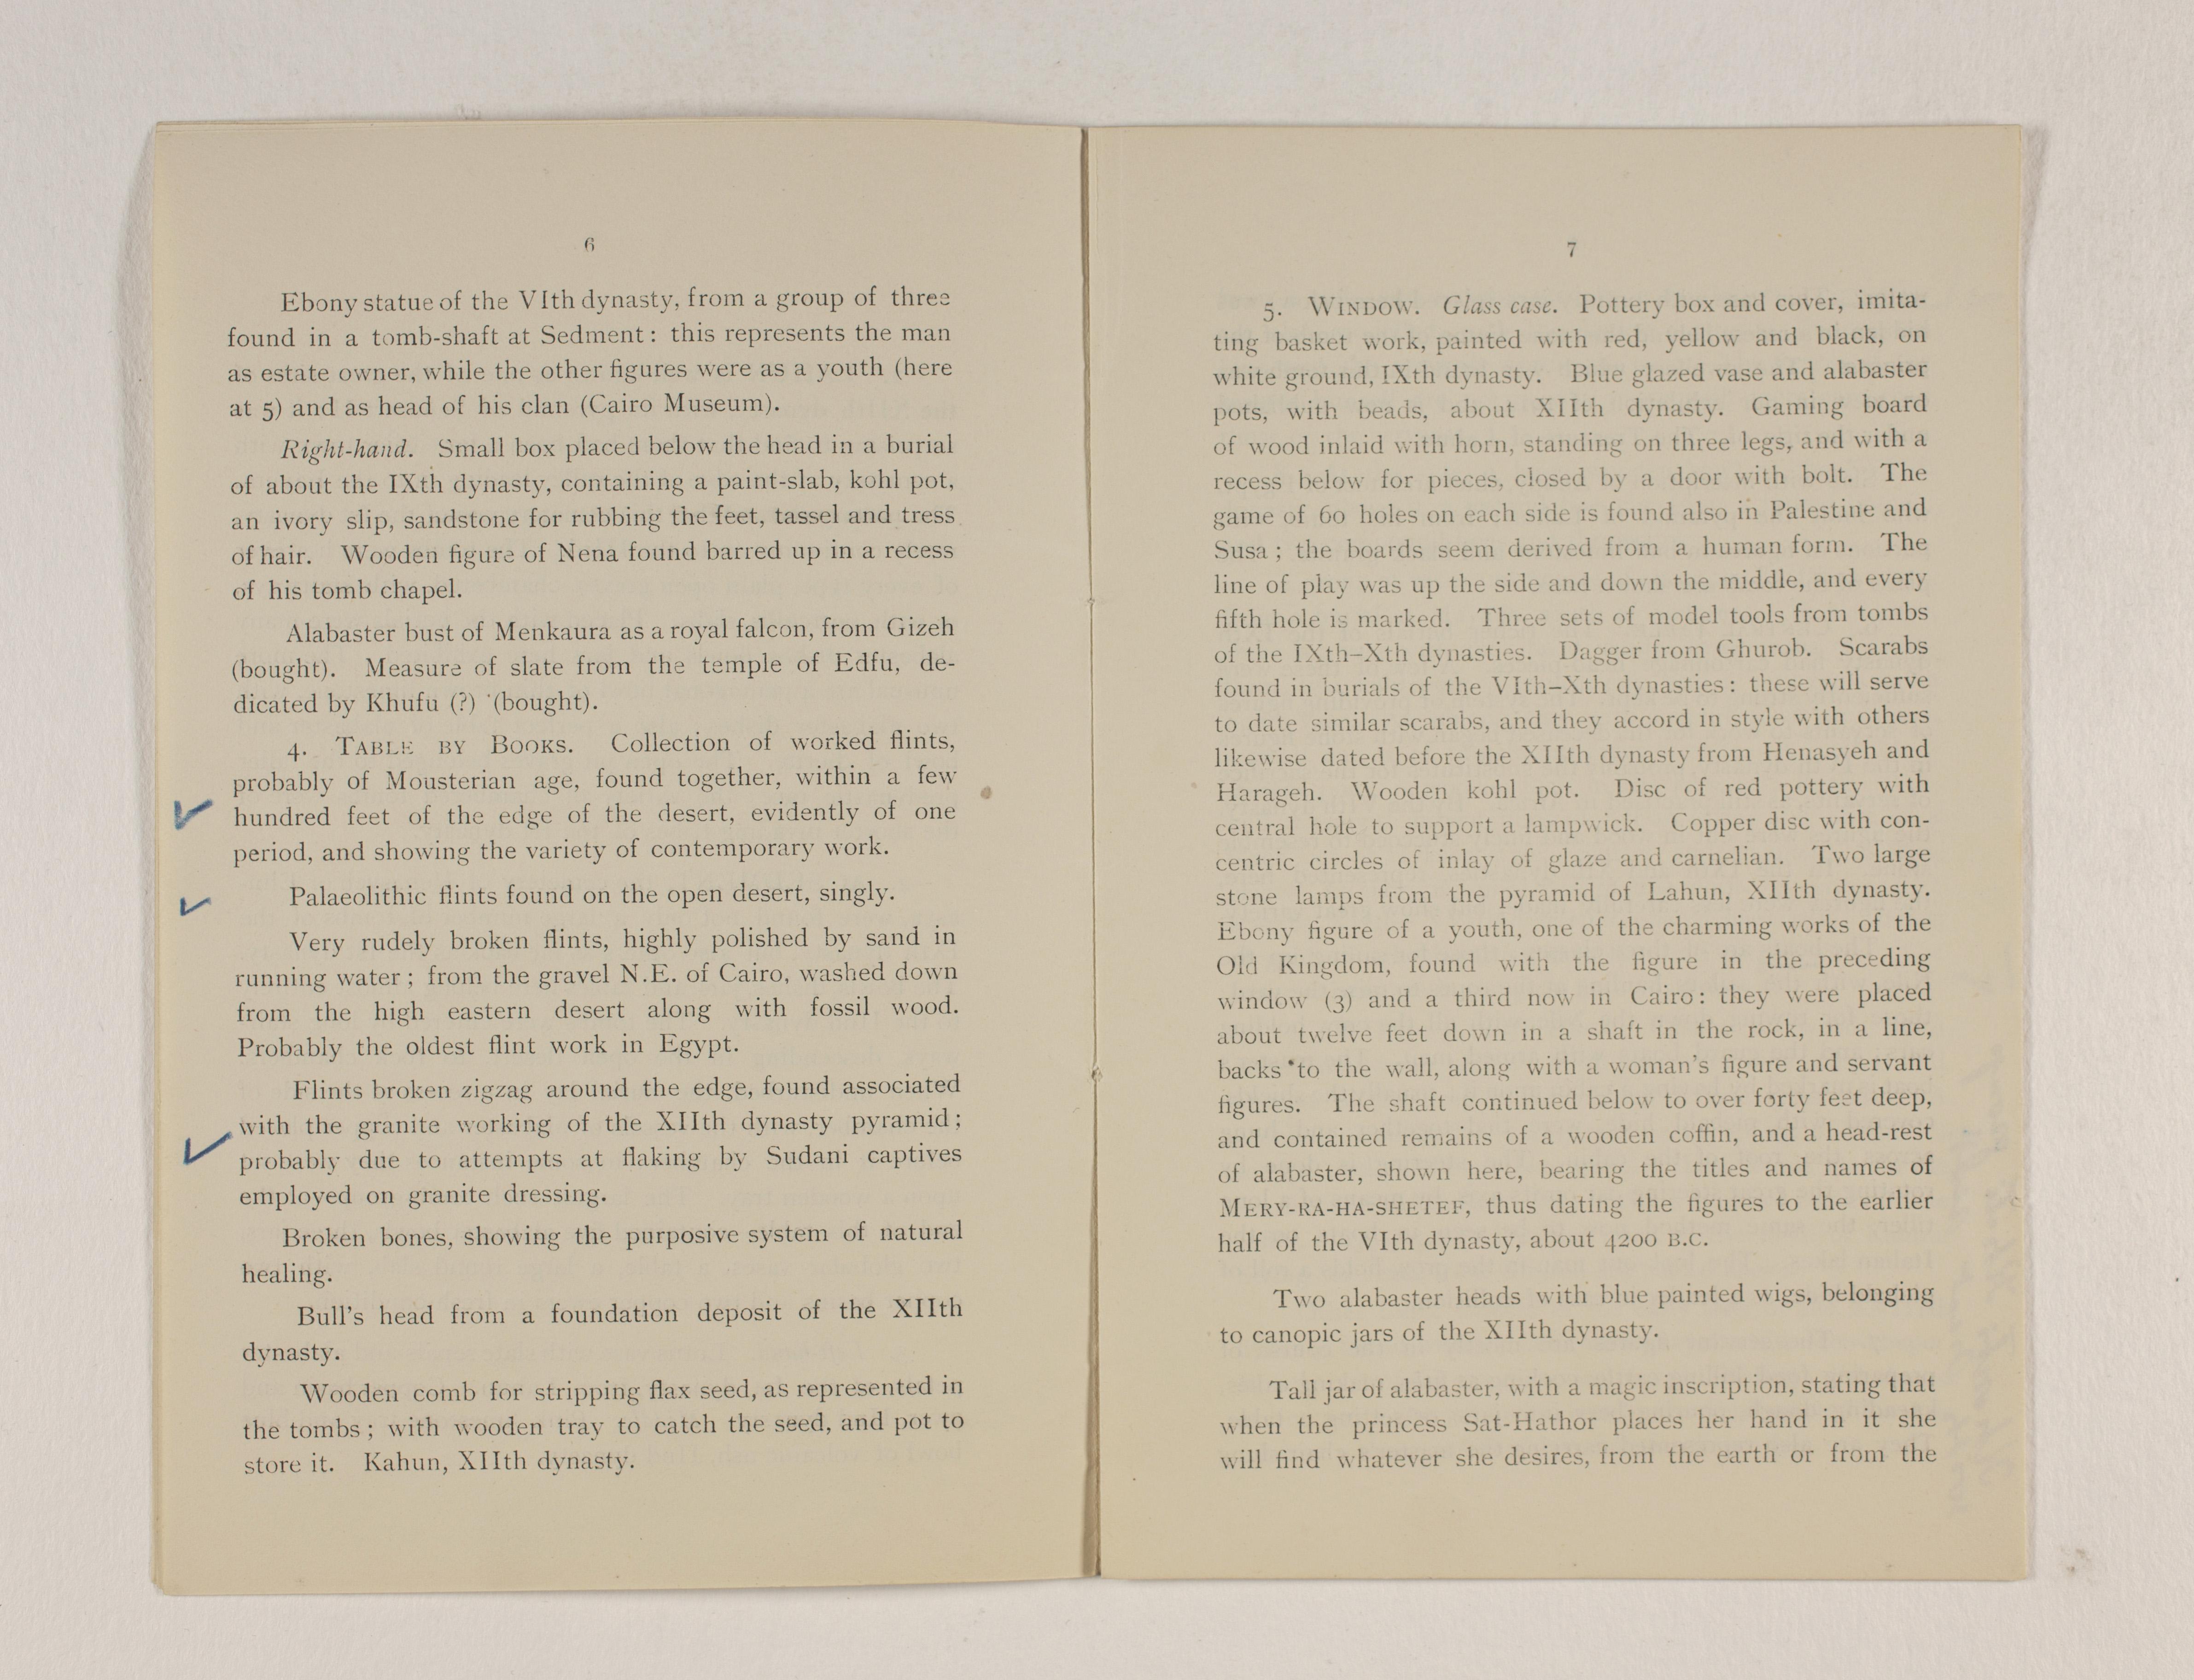 1919-21 Sedment, Lahun Exhibition catalogue PMA/WFP1/D/24/48.4